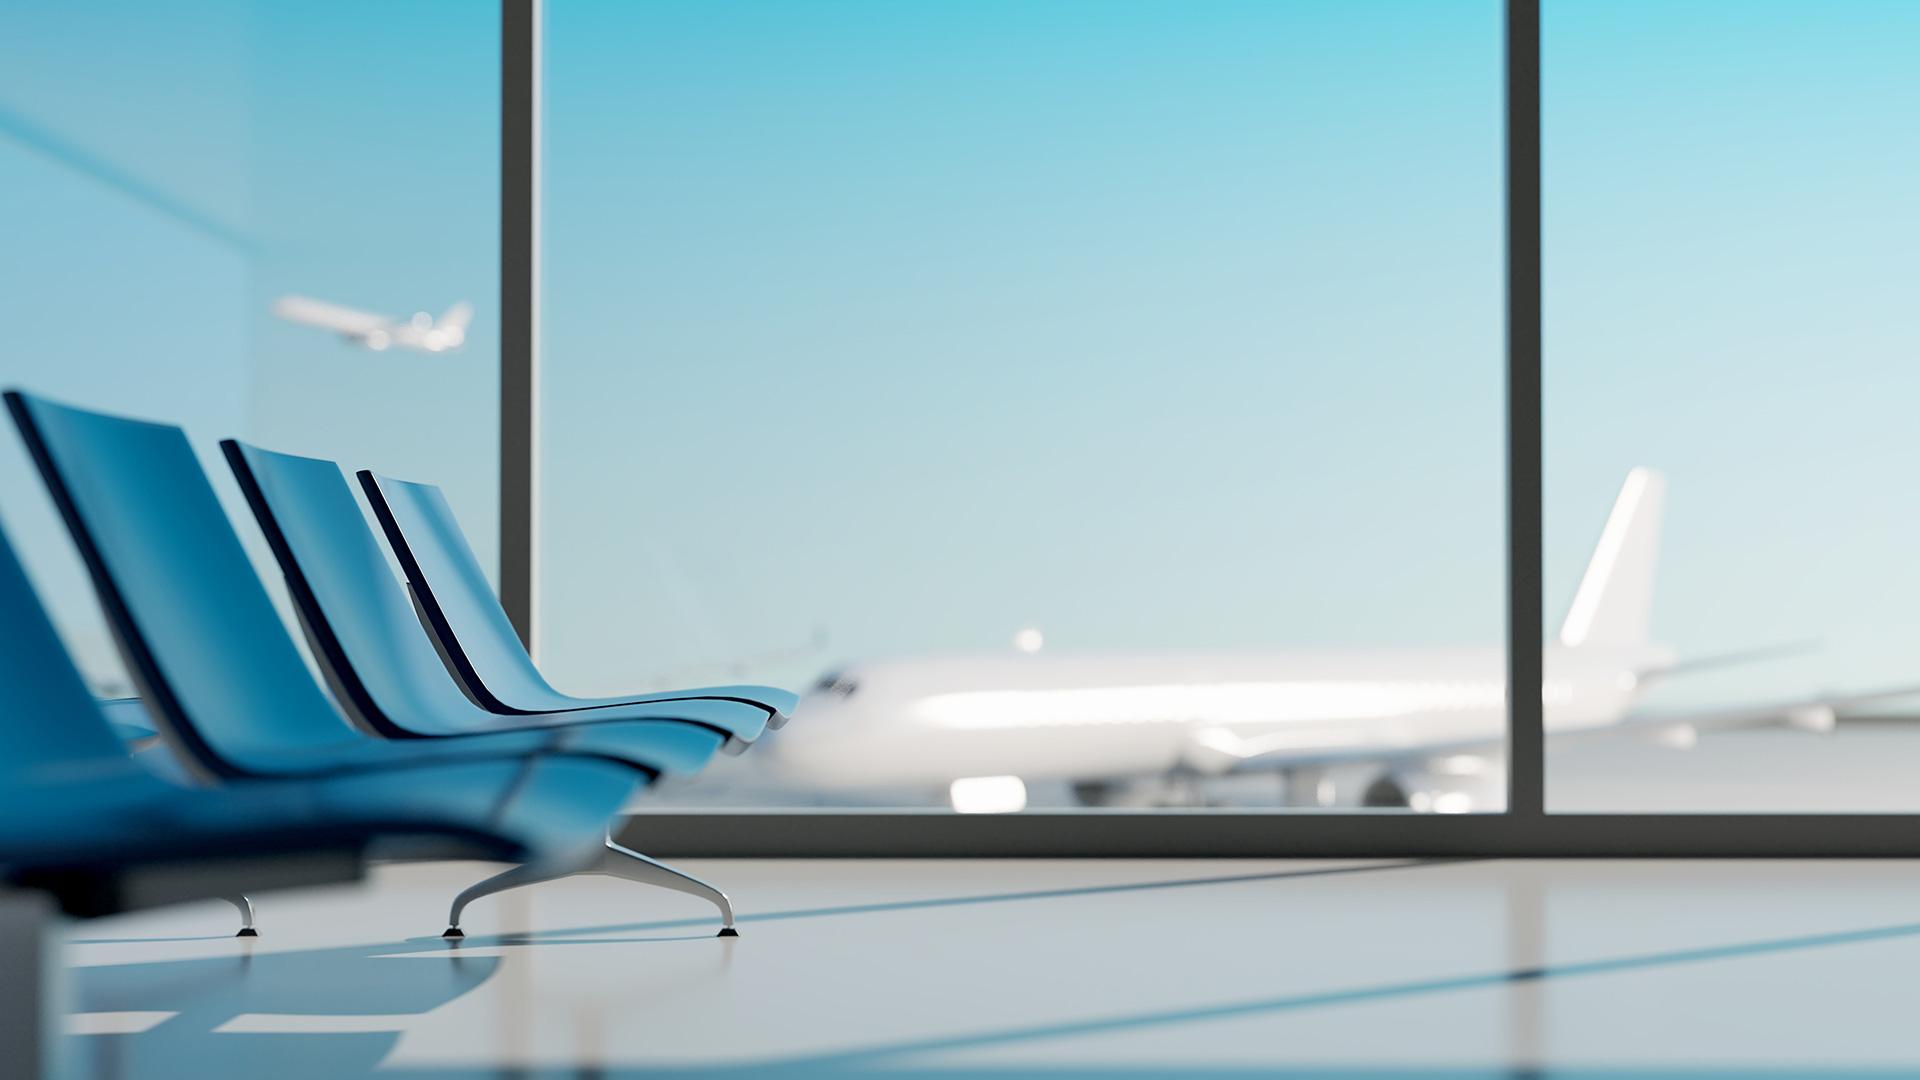 airplanes at landing at airport